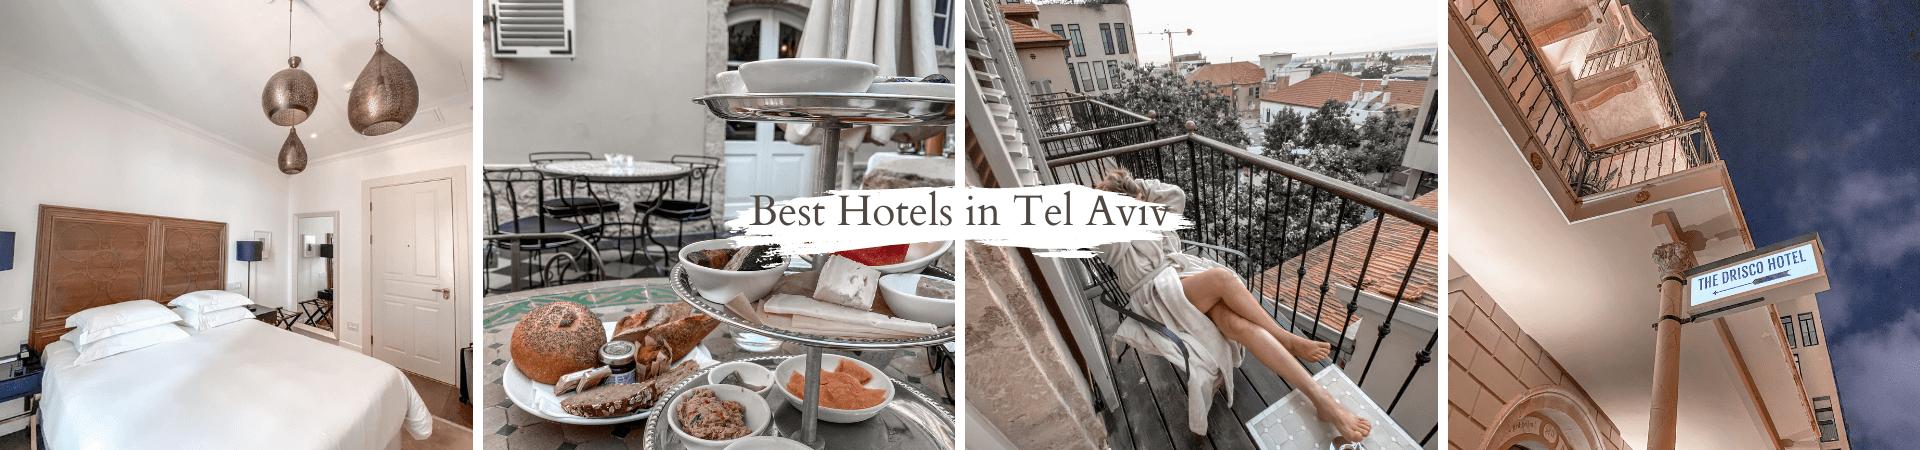 תל אביב לפי אזורים ומלונות